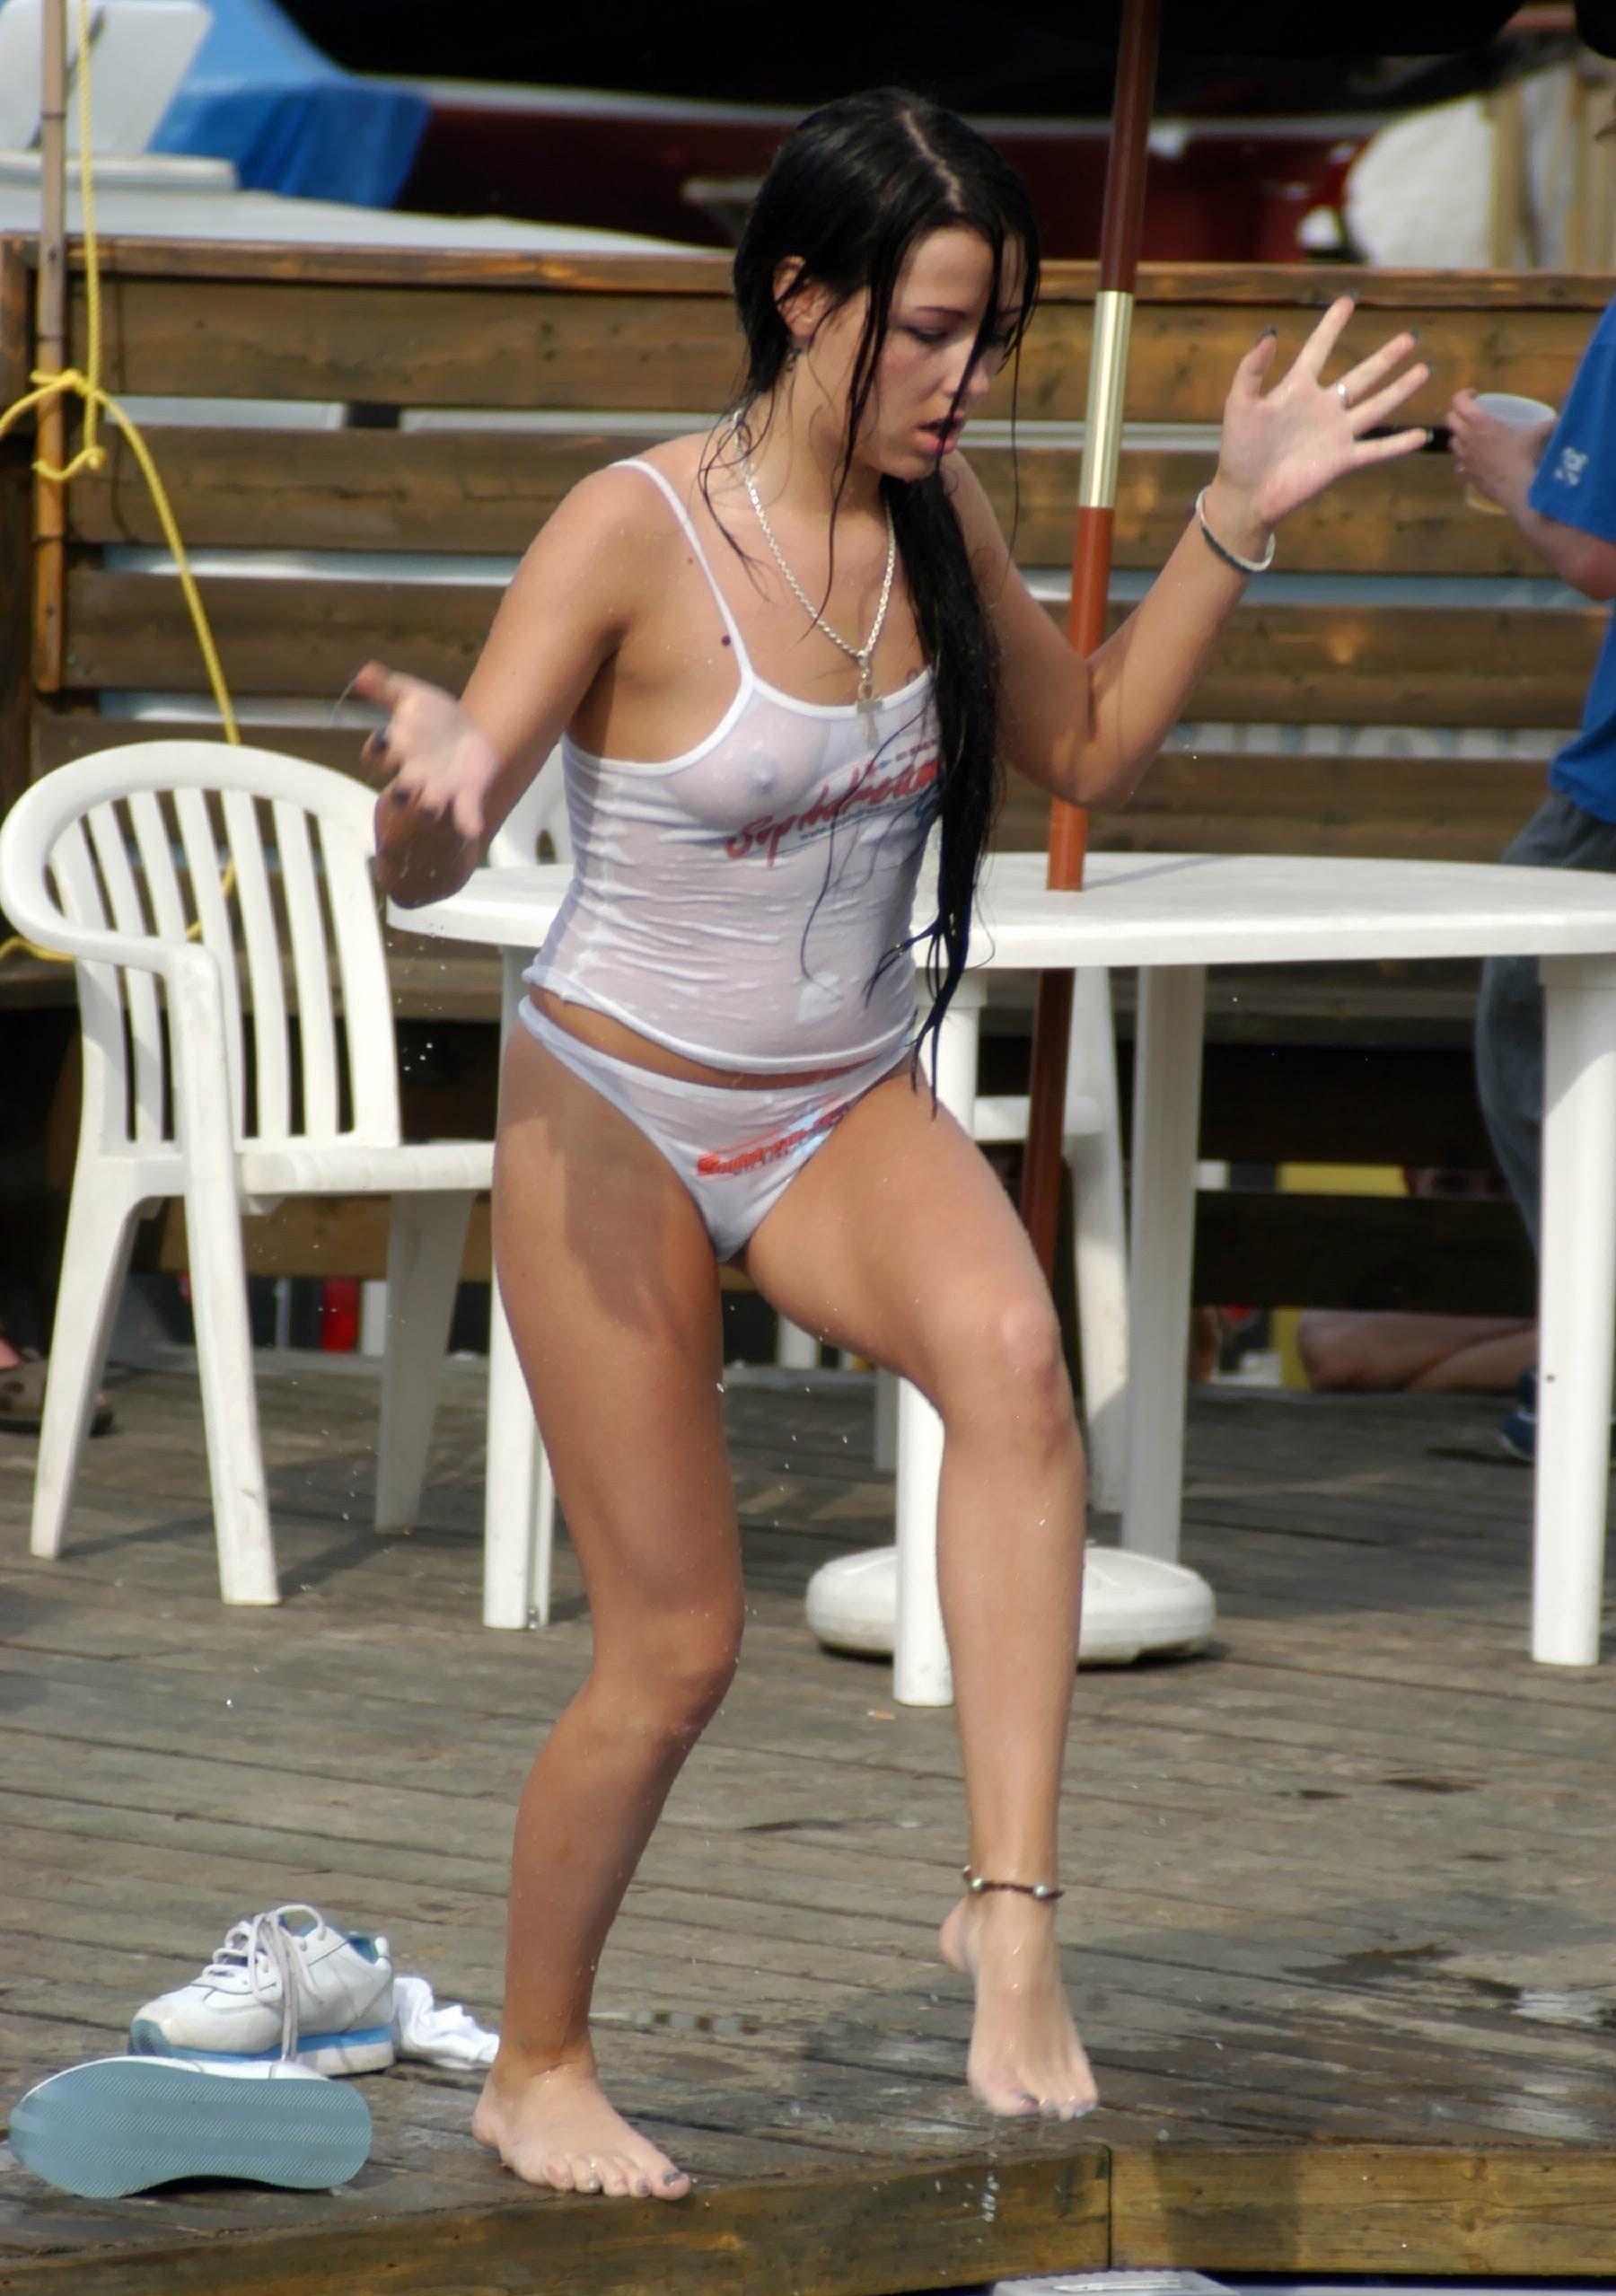 【海外エロ画像】ノーブラが基本なので…外人さんの見えても平気な濡れ透け乳首www 27